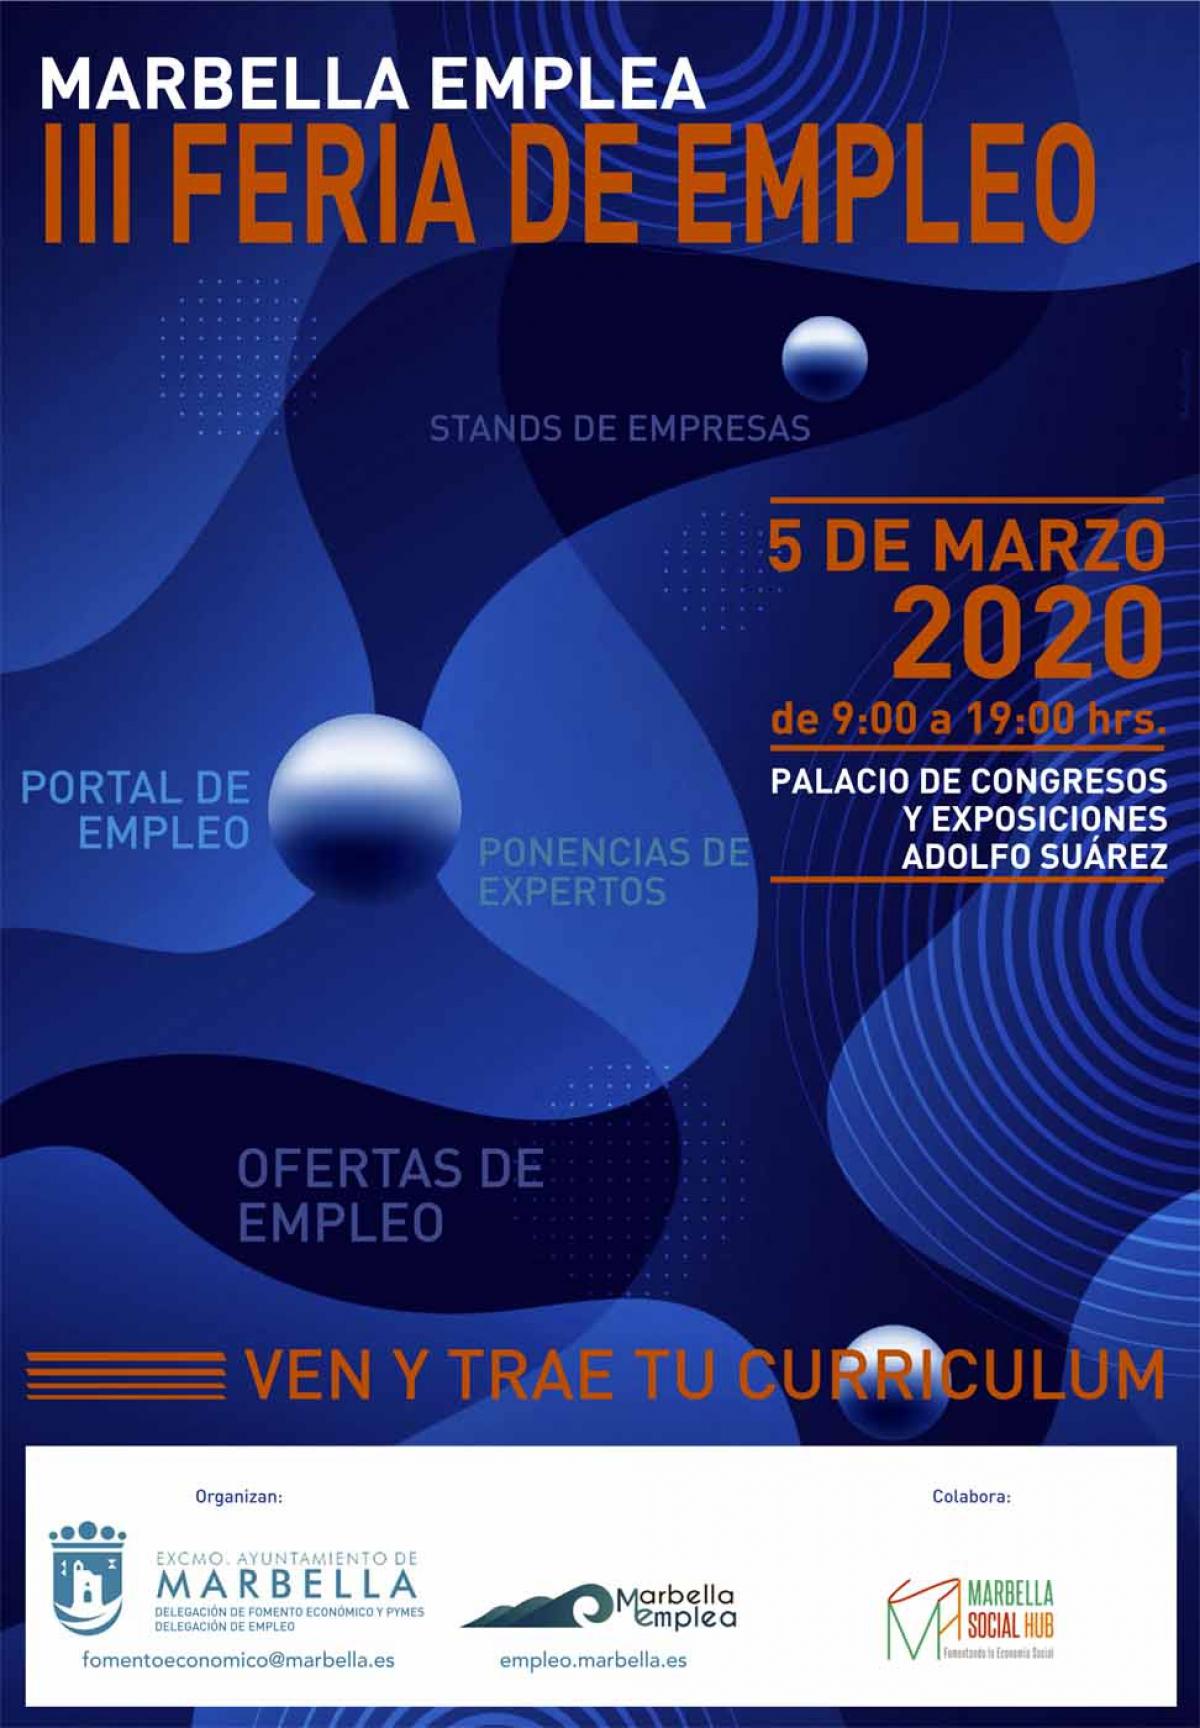 La tercera edición de la Feria de Empleo se celebrará el 5 de marzo en el Palacio de Ferias y Congresos Adolfo Suárez y reunirá a un centenar de empresas